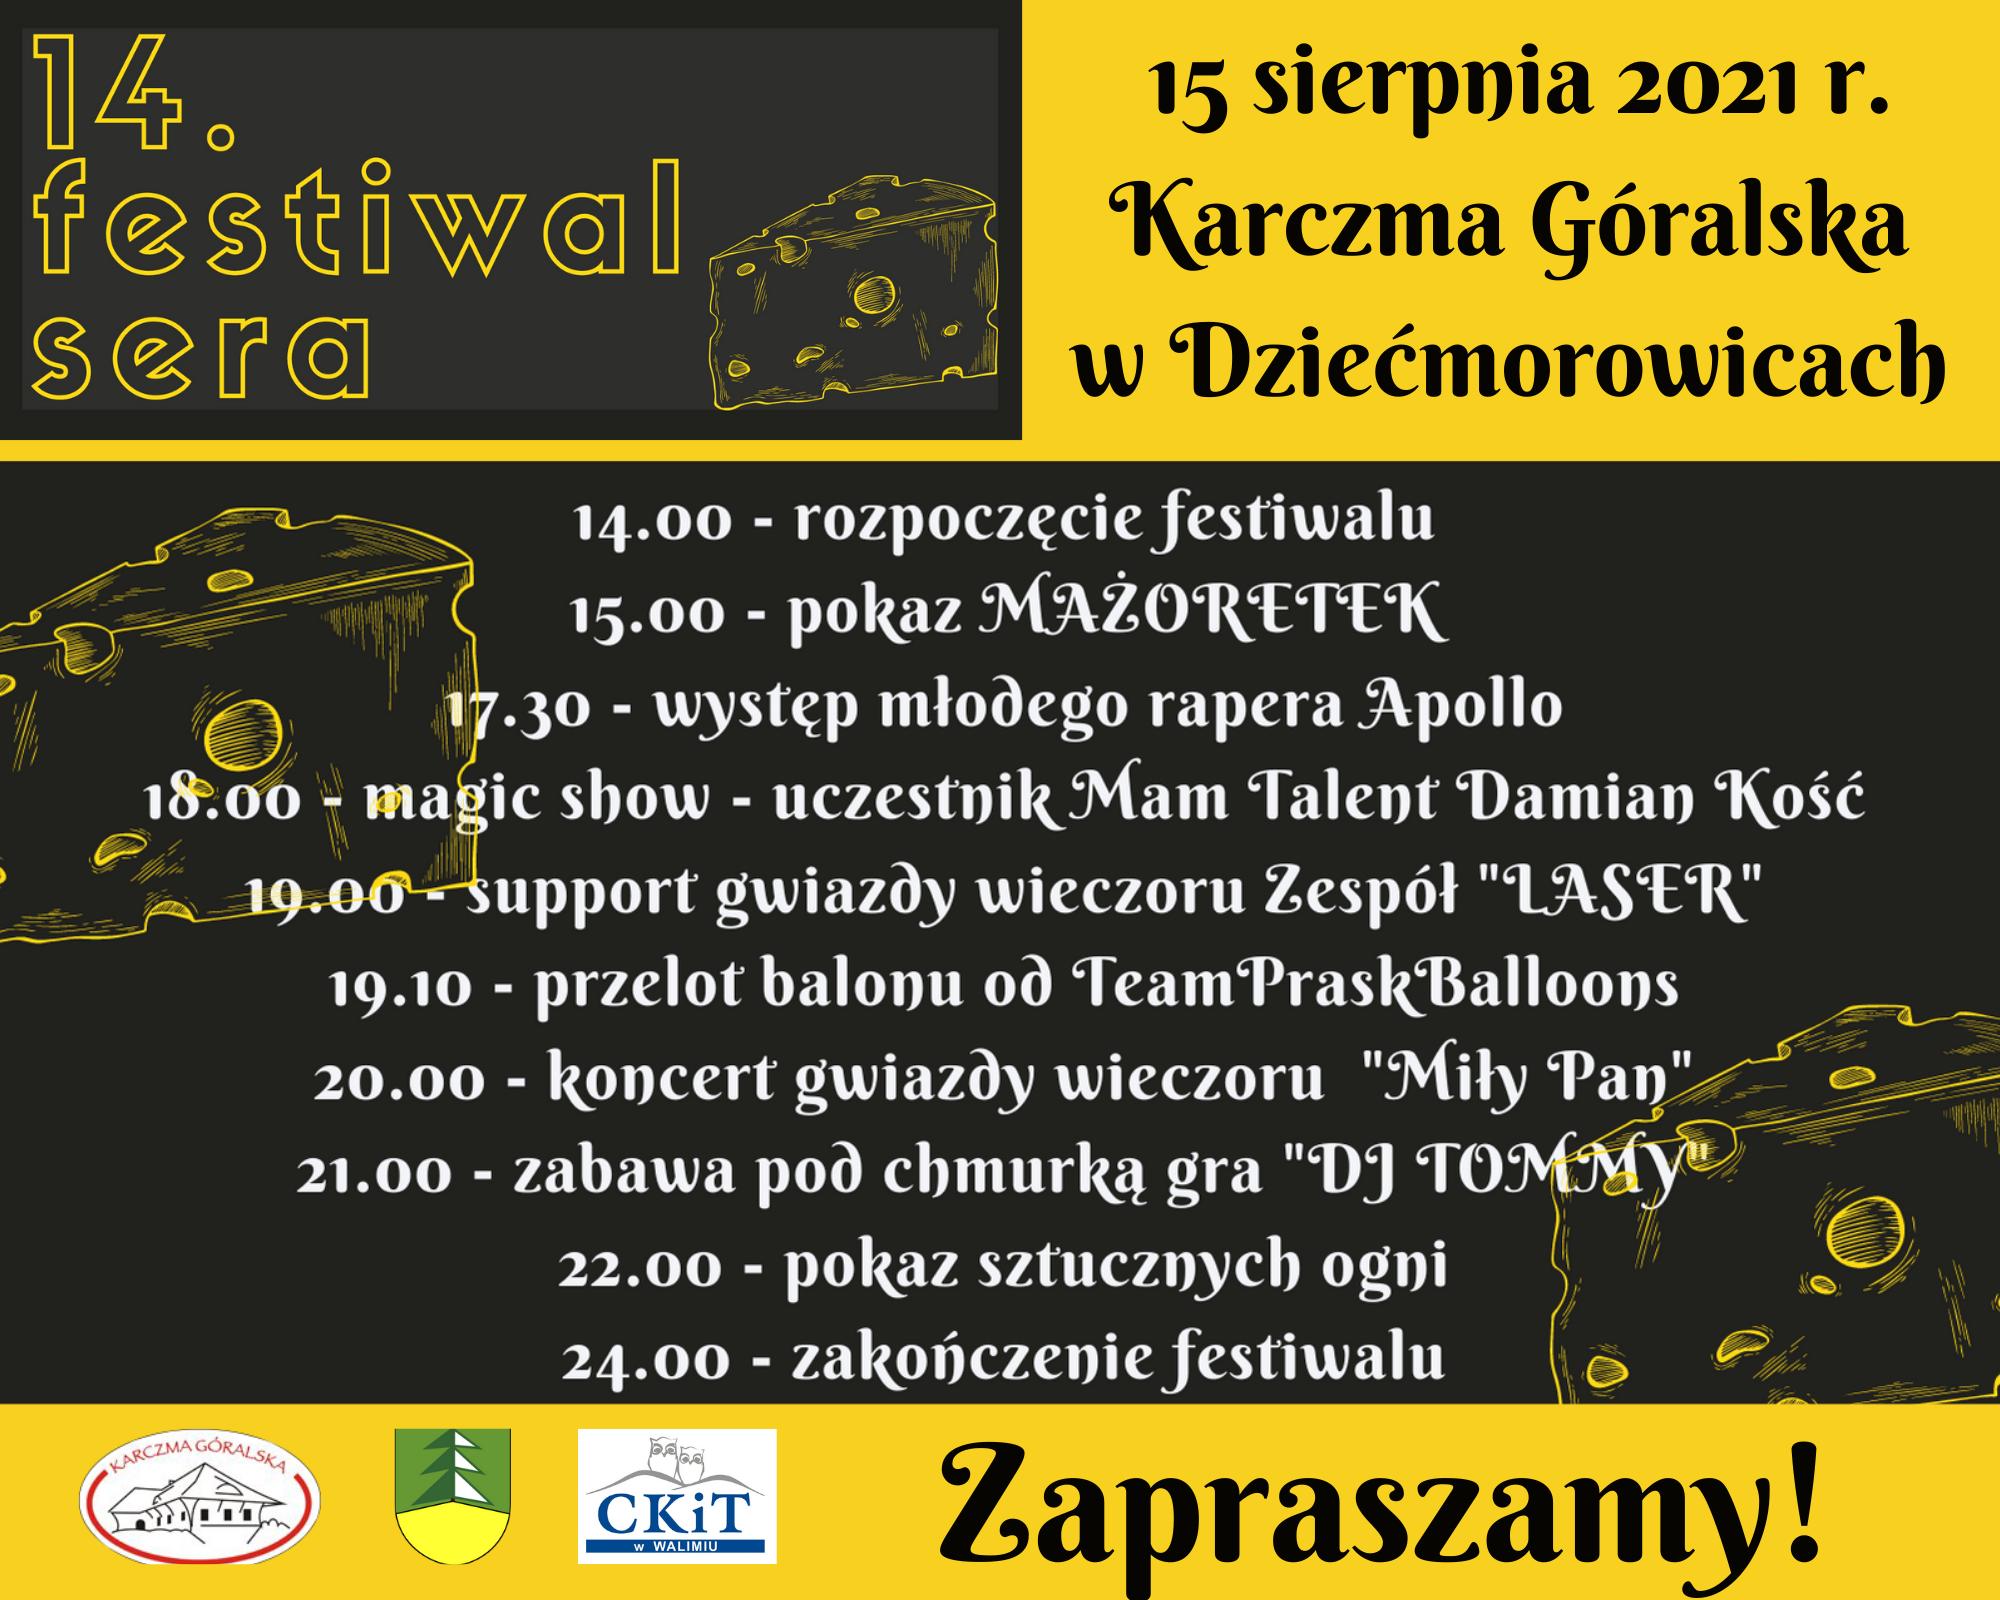 XIV Festiwal Sera – 15 sierpnia 2021 r. w Karczmie Góralskiej w Dziećmorowicach